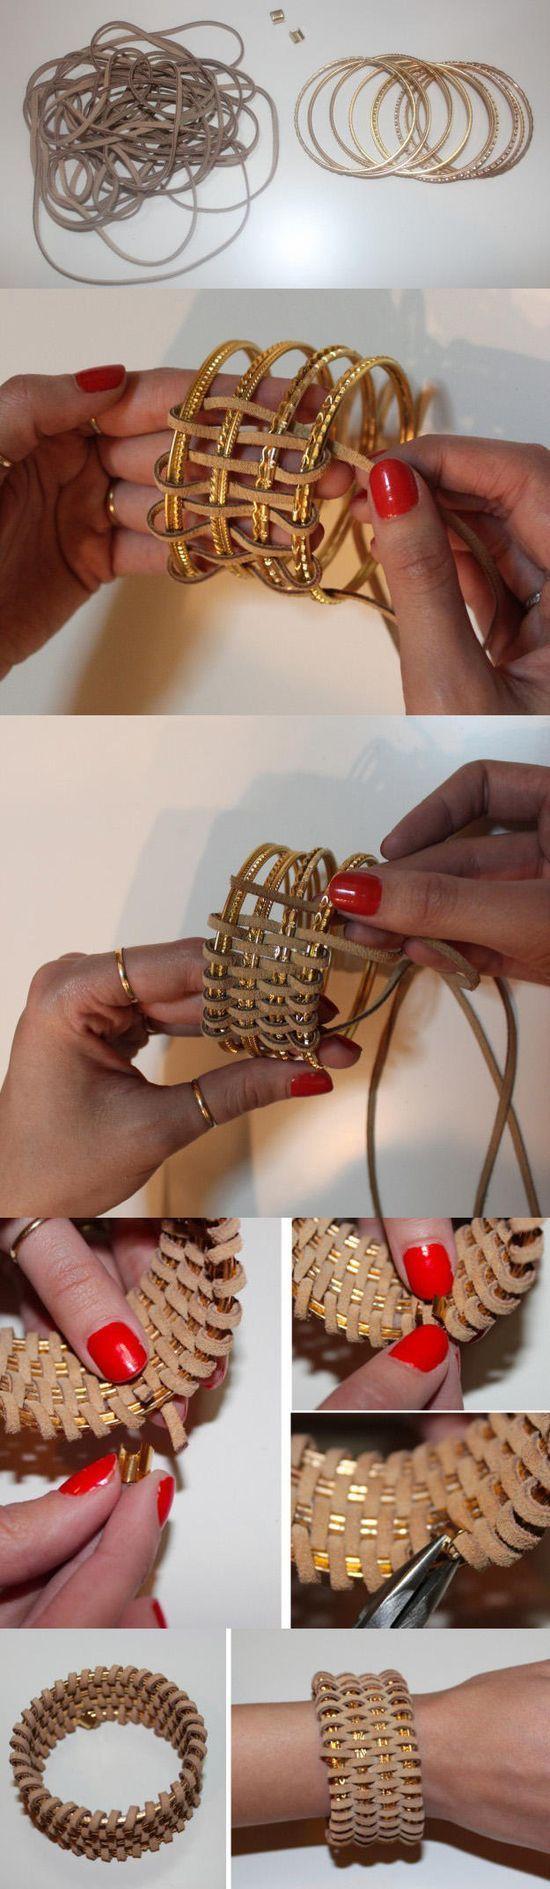 Bracelet. #bracelet #jewelry #fashion